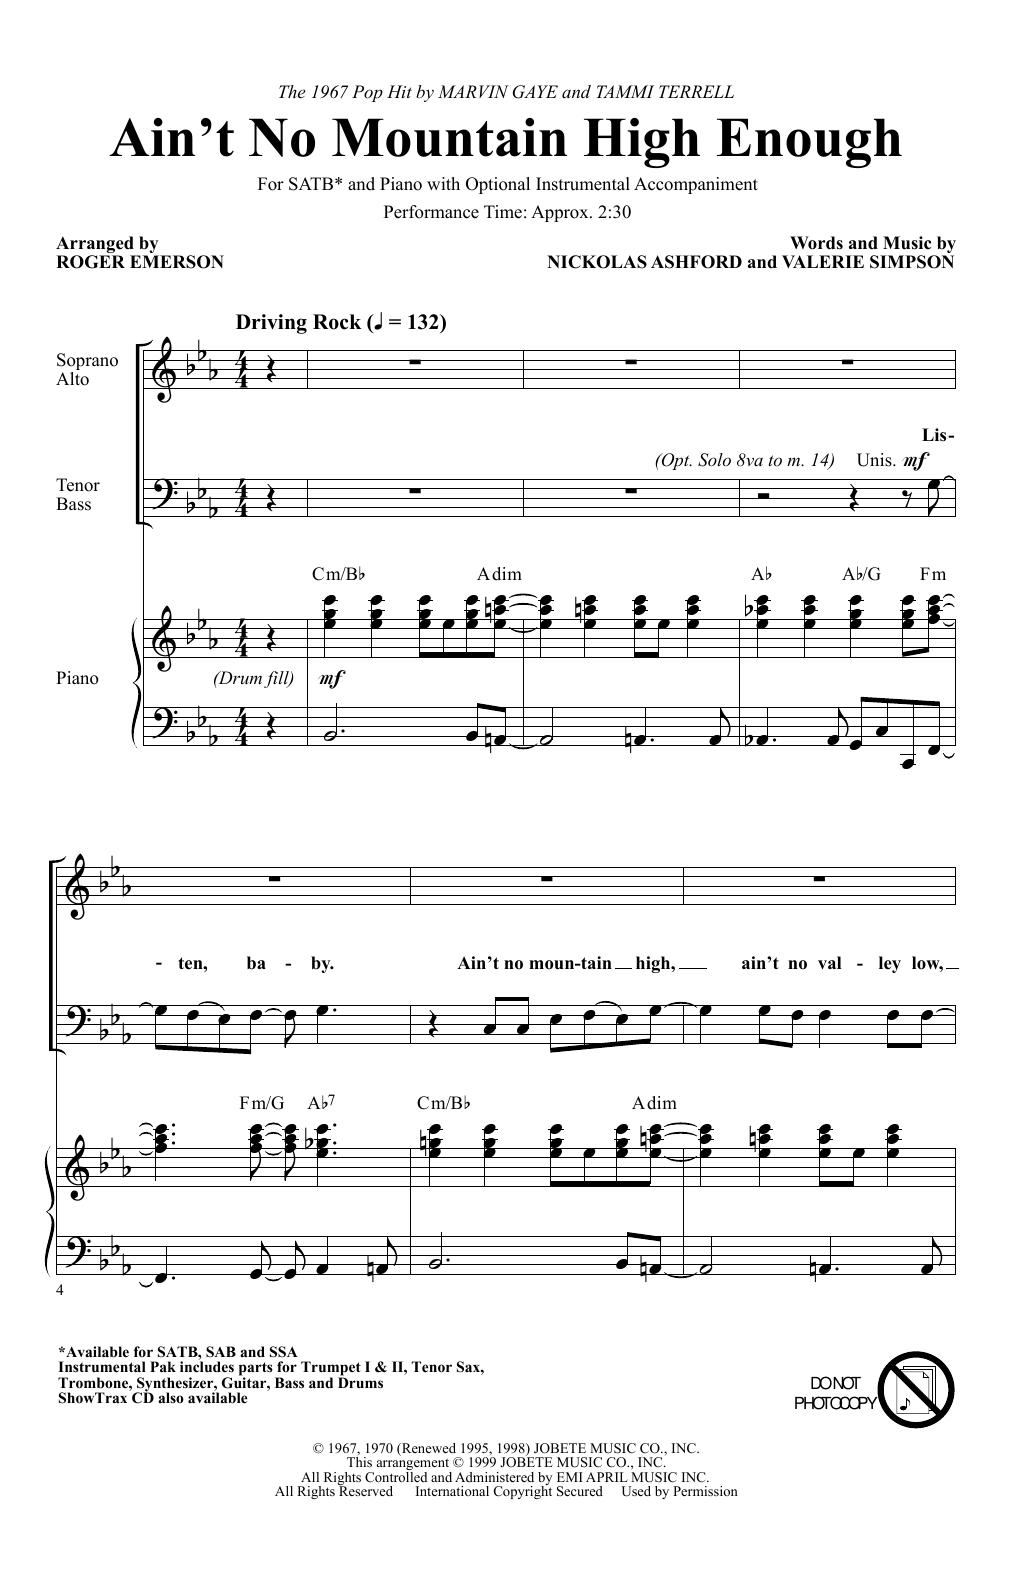 Ain't No Mountain High Enough (arr. Roger Emerson) (SATB Choir)